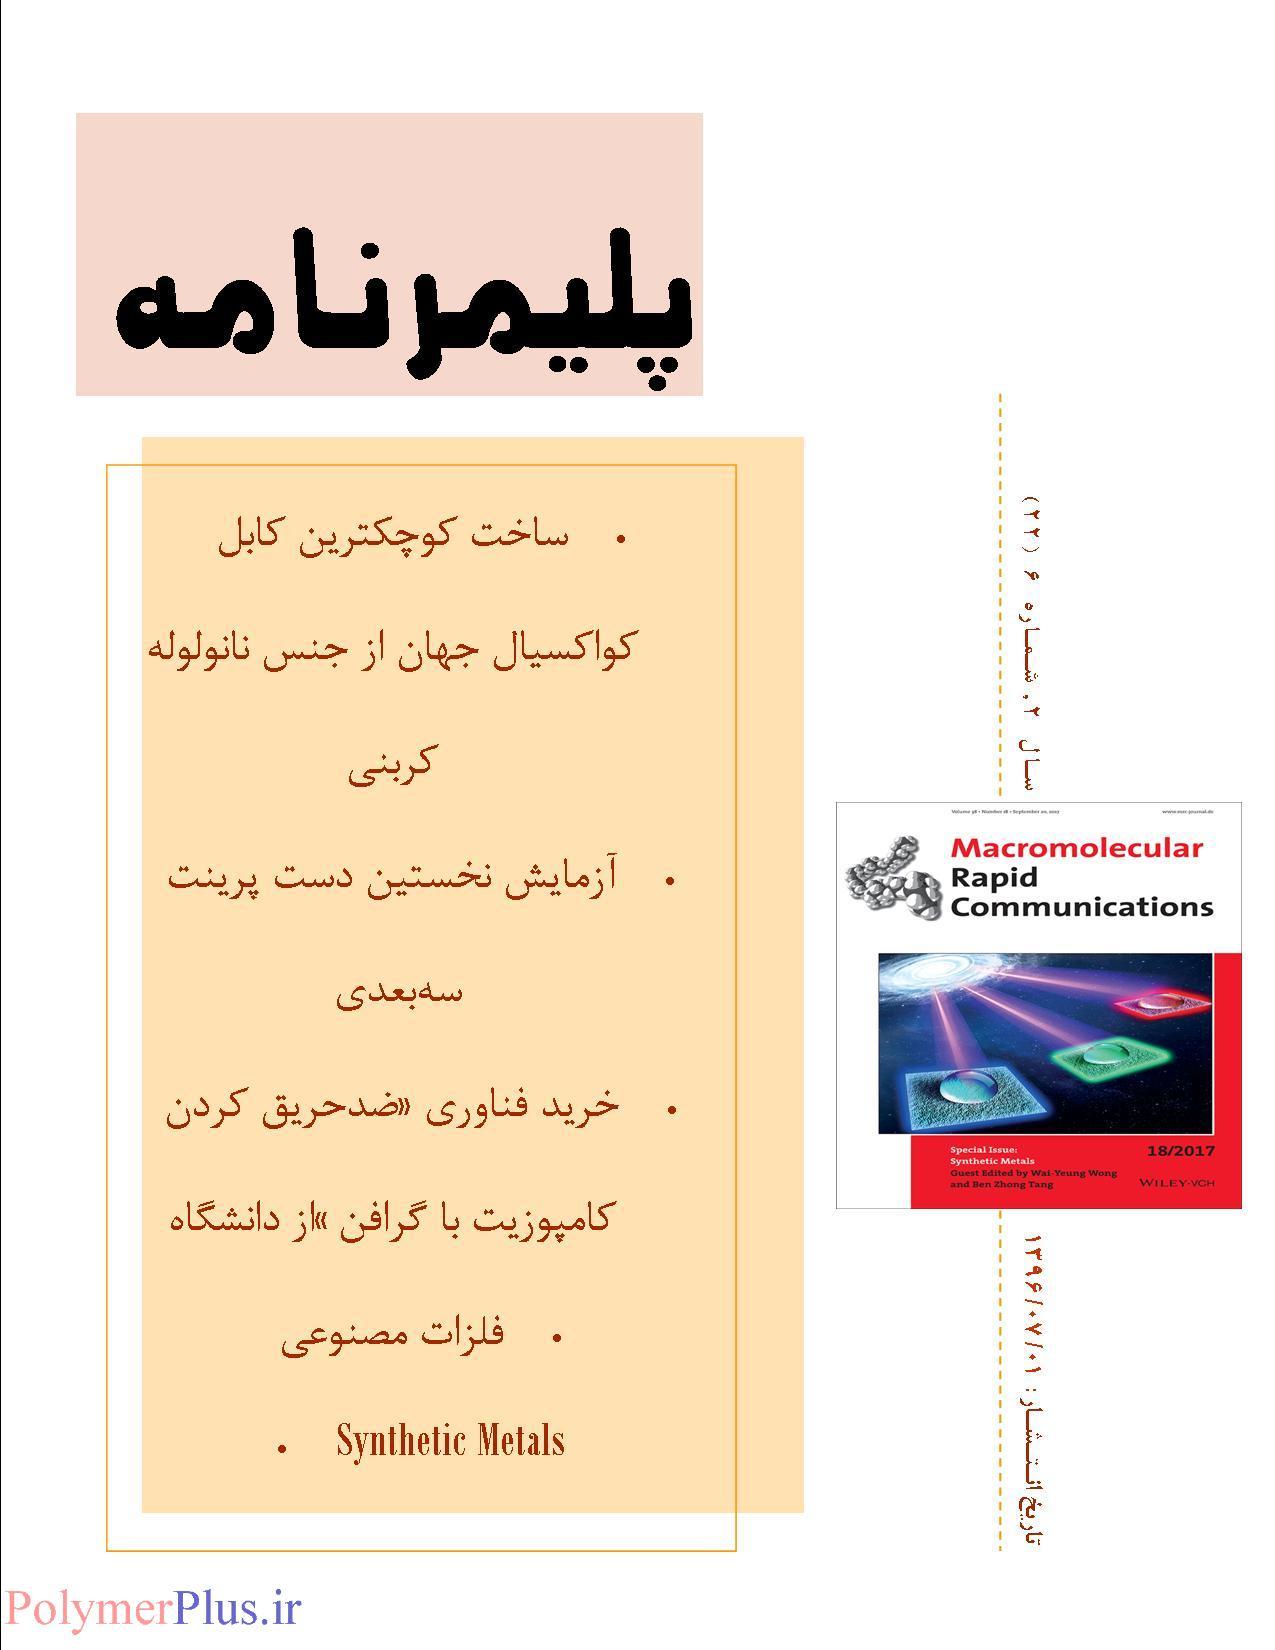 مجله پلیمرنامه سال 2, شماره 6 (22)